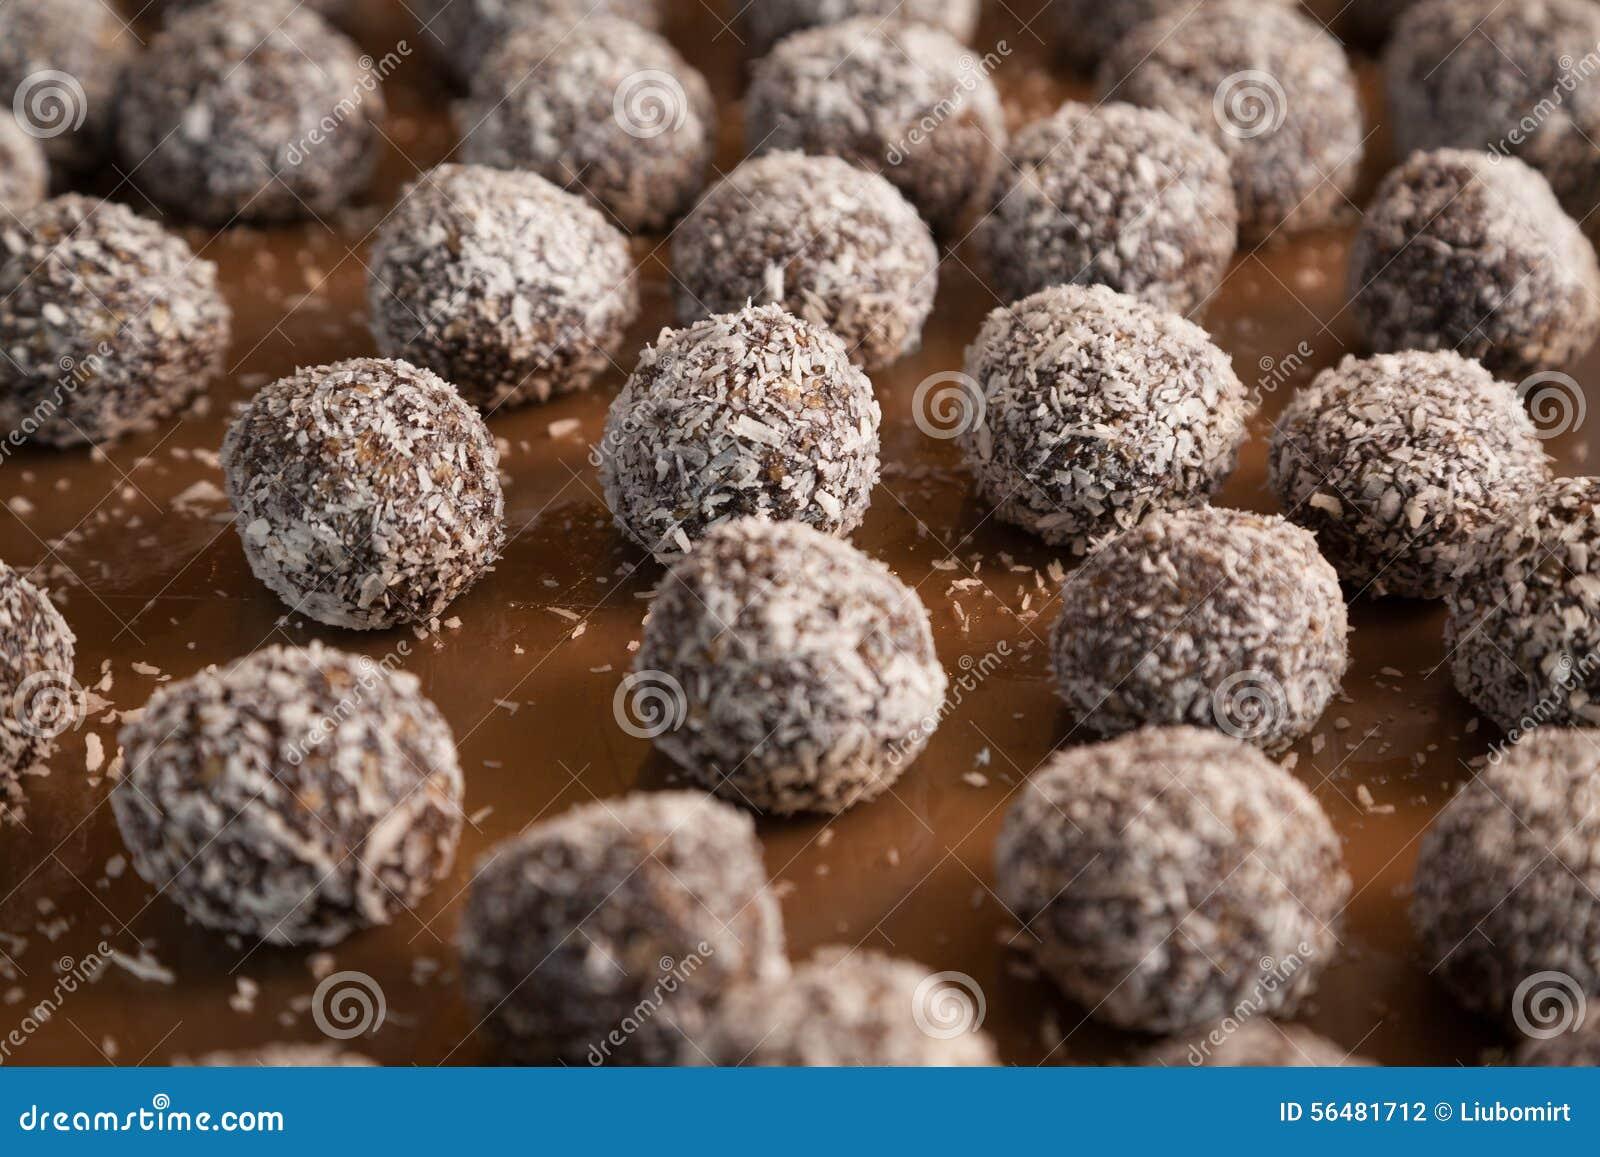 Plan rapproché de burfi indien doux de noix de coco